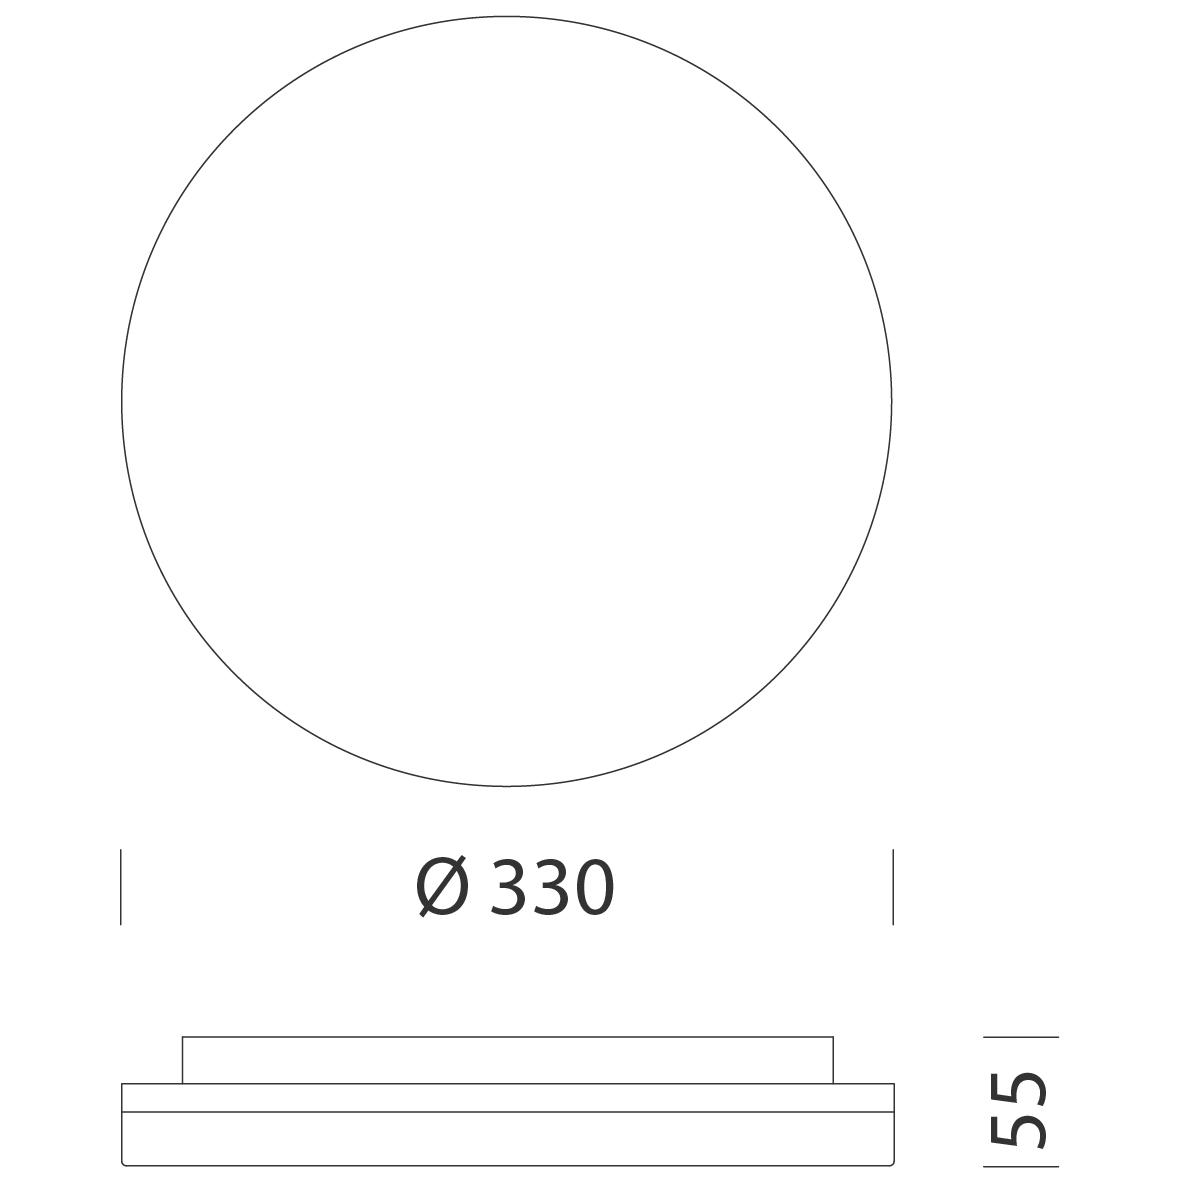 748 - Oblò 2.0 dims.jpg